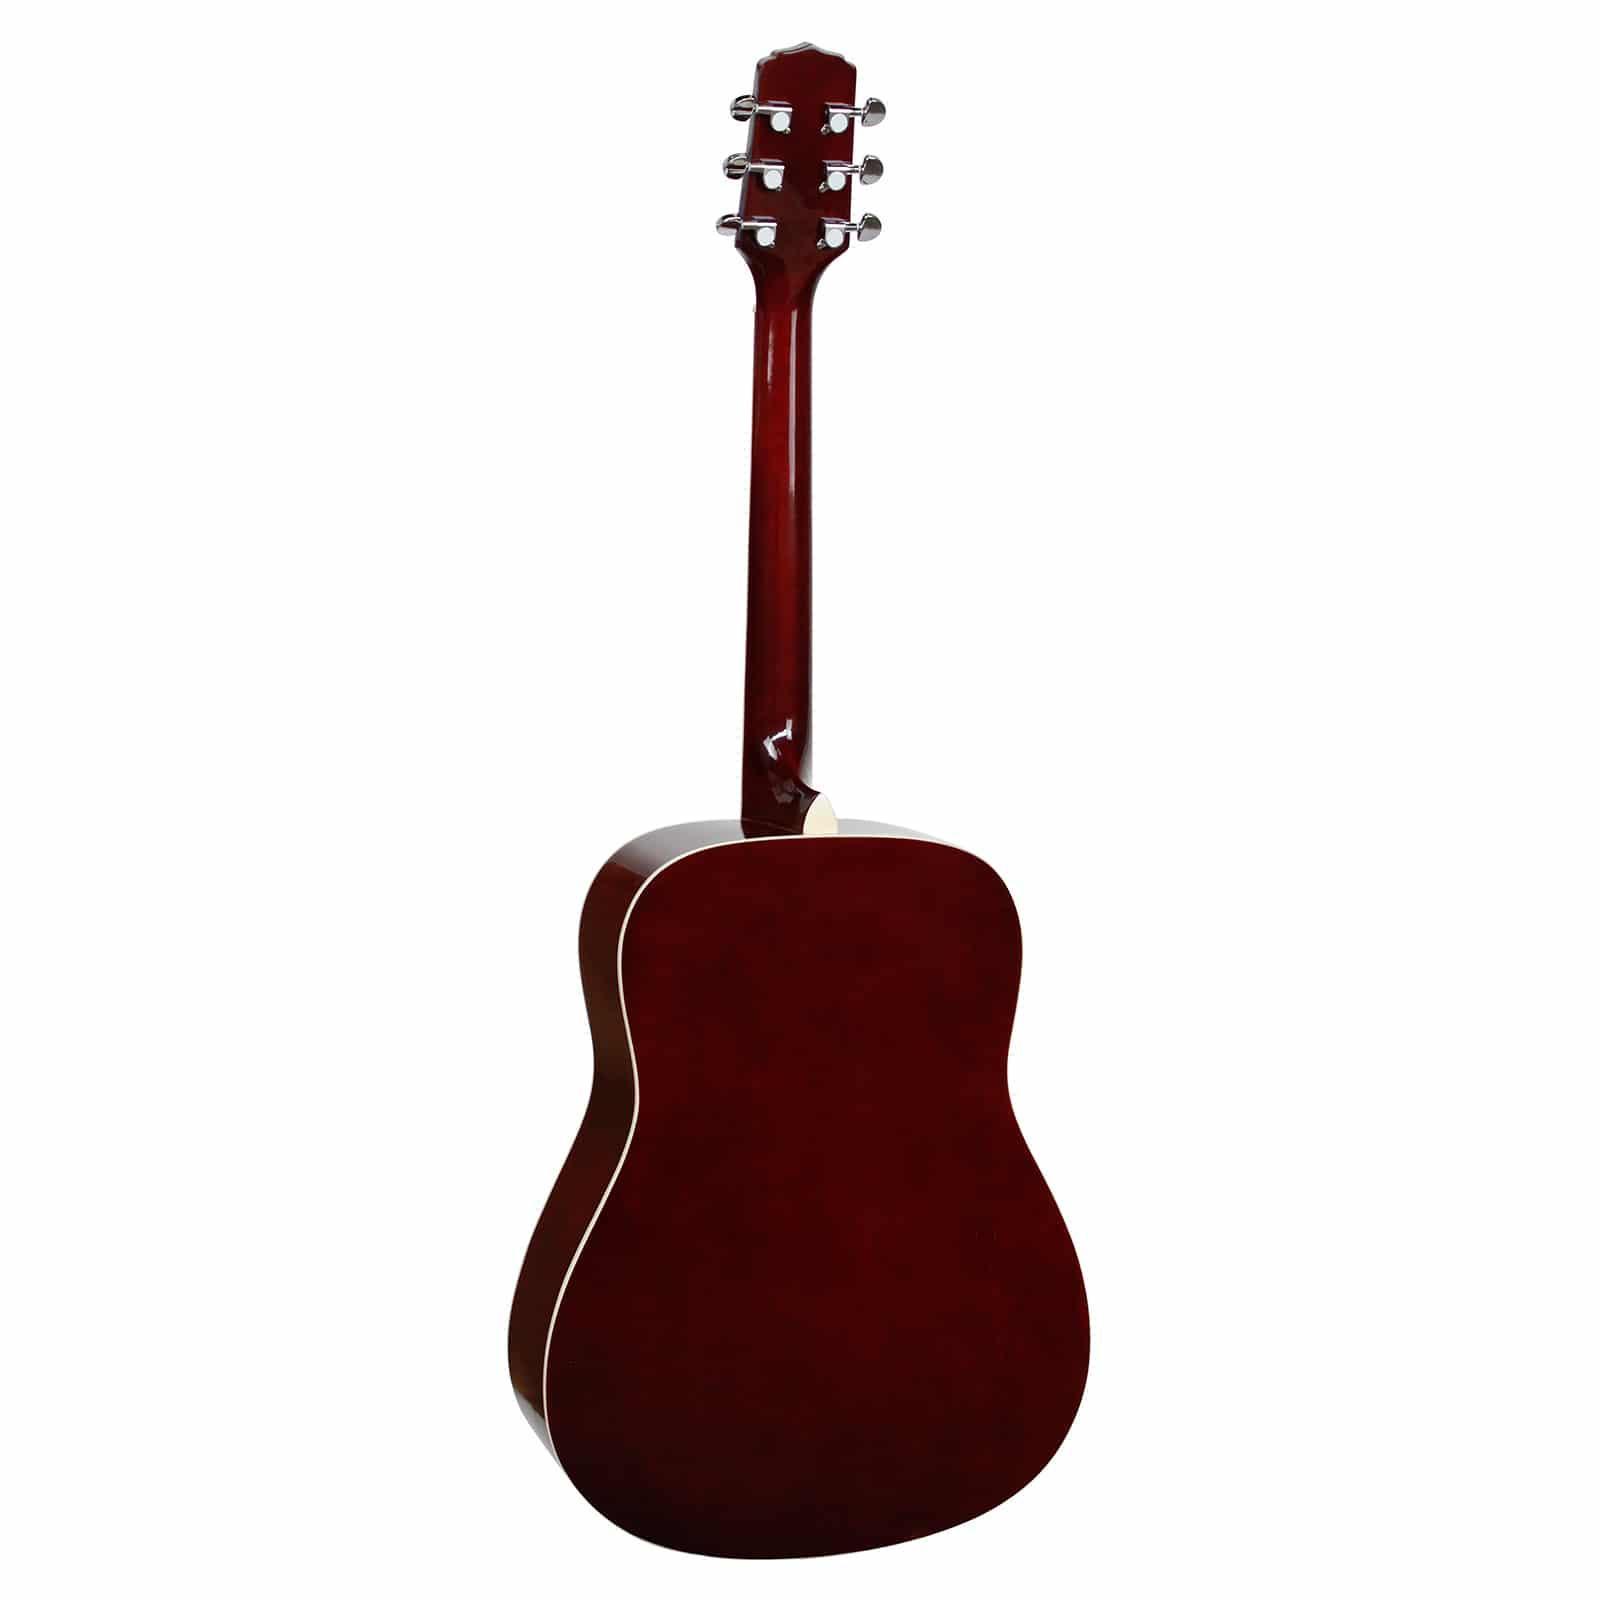 Giannini Violão Eletroacústico Folk GD-1 EQ 3 Tone Sunburst (Aço)